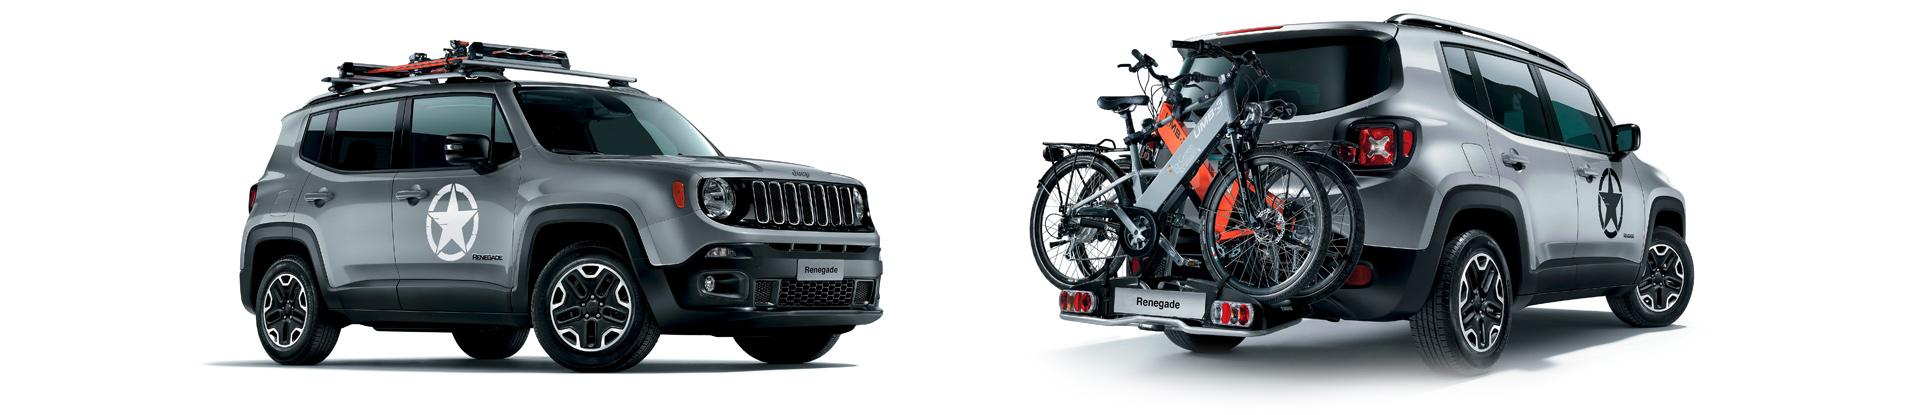 Jeep Originalteile Mopar Zubehör Preckel